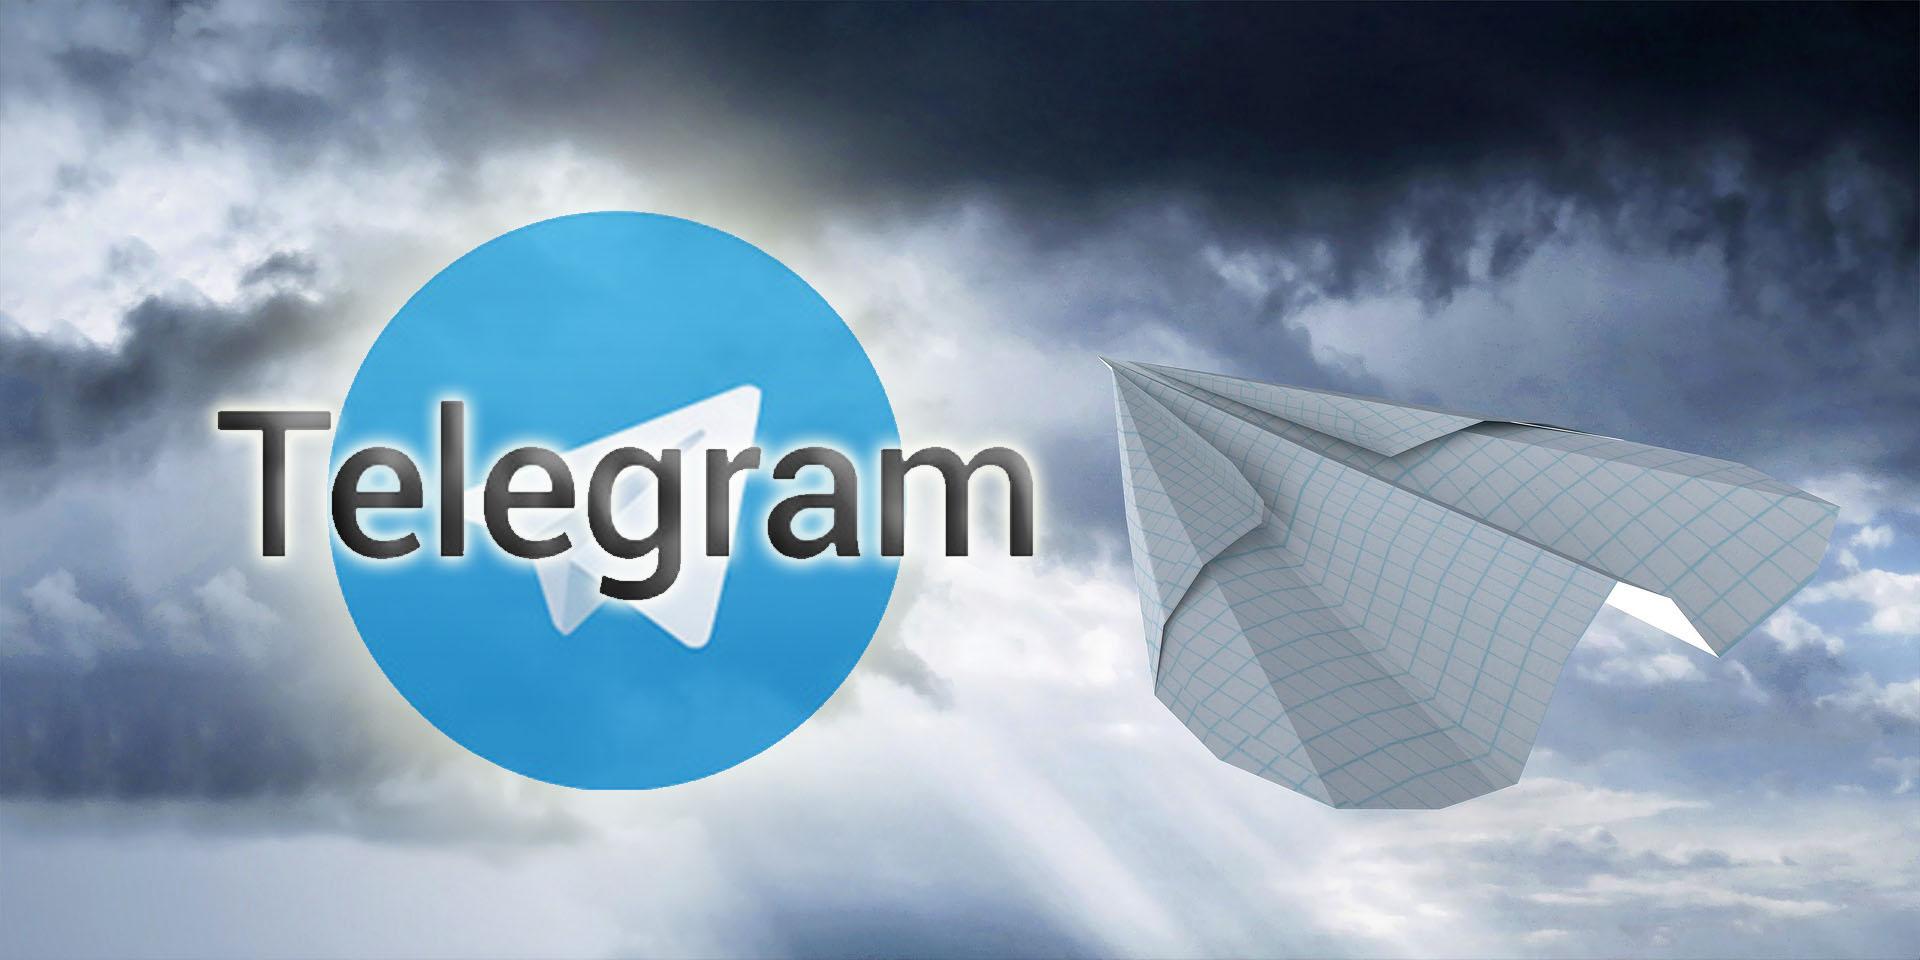 テレグラムがICOで調達した17億ドルの払い戻しを提案!